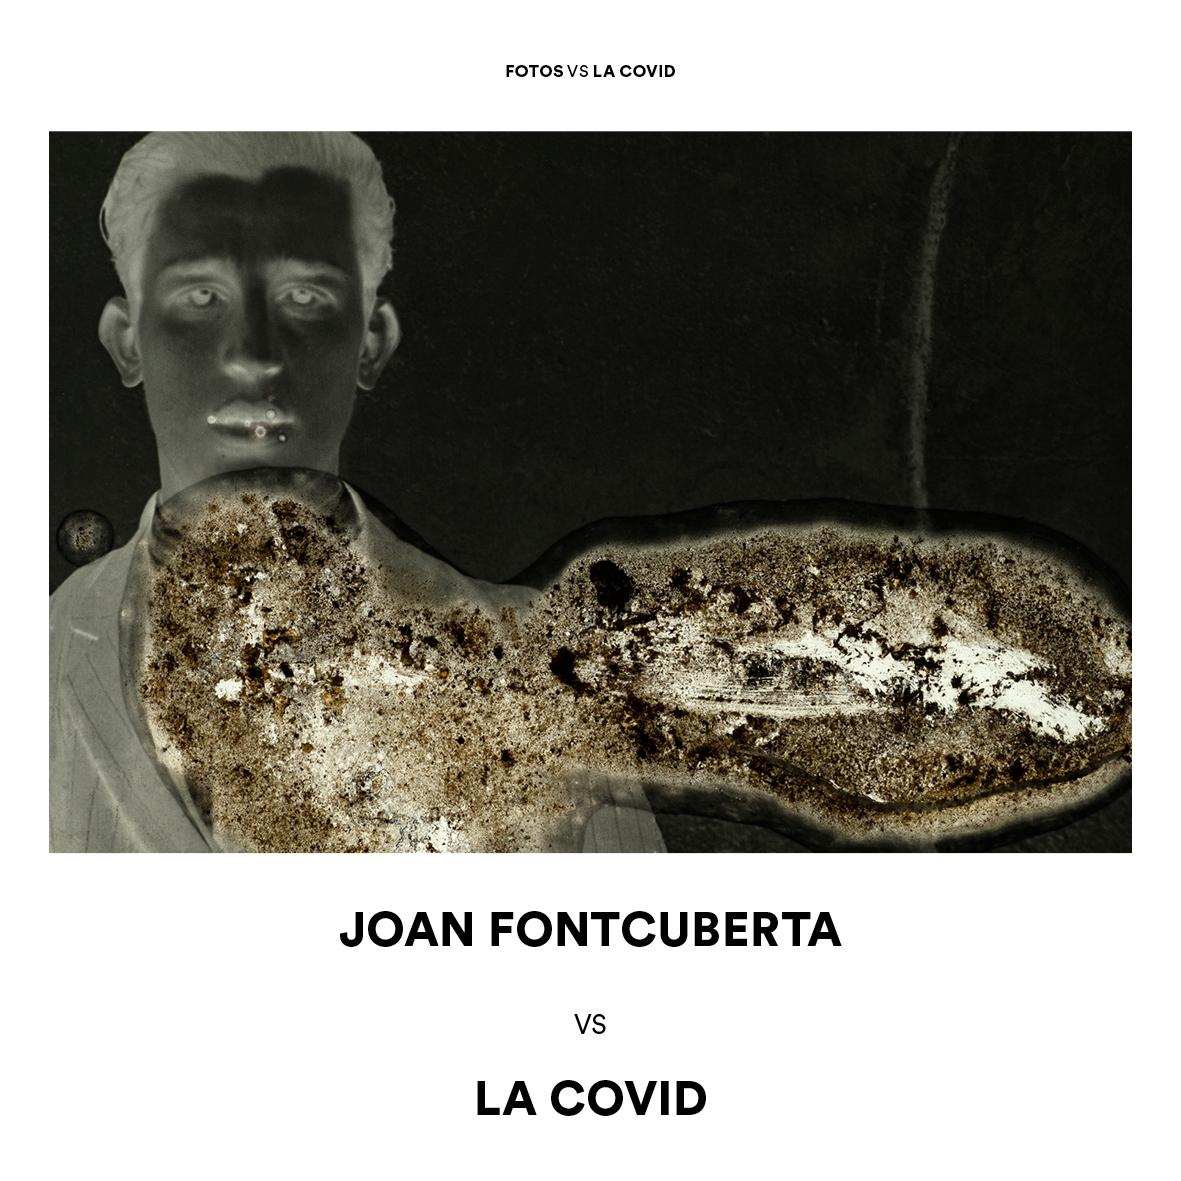 Joan Fontcuberta POST